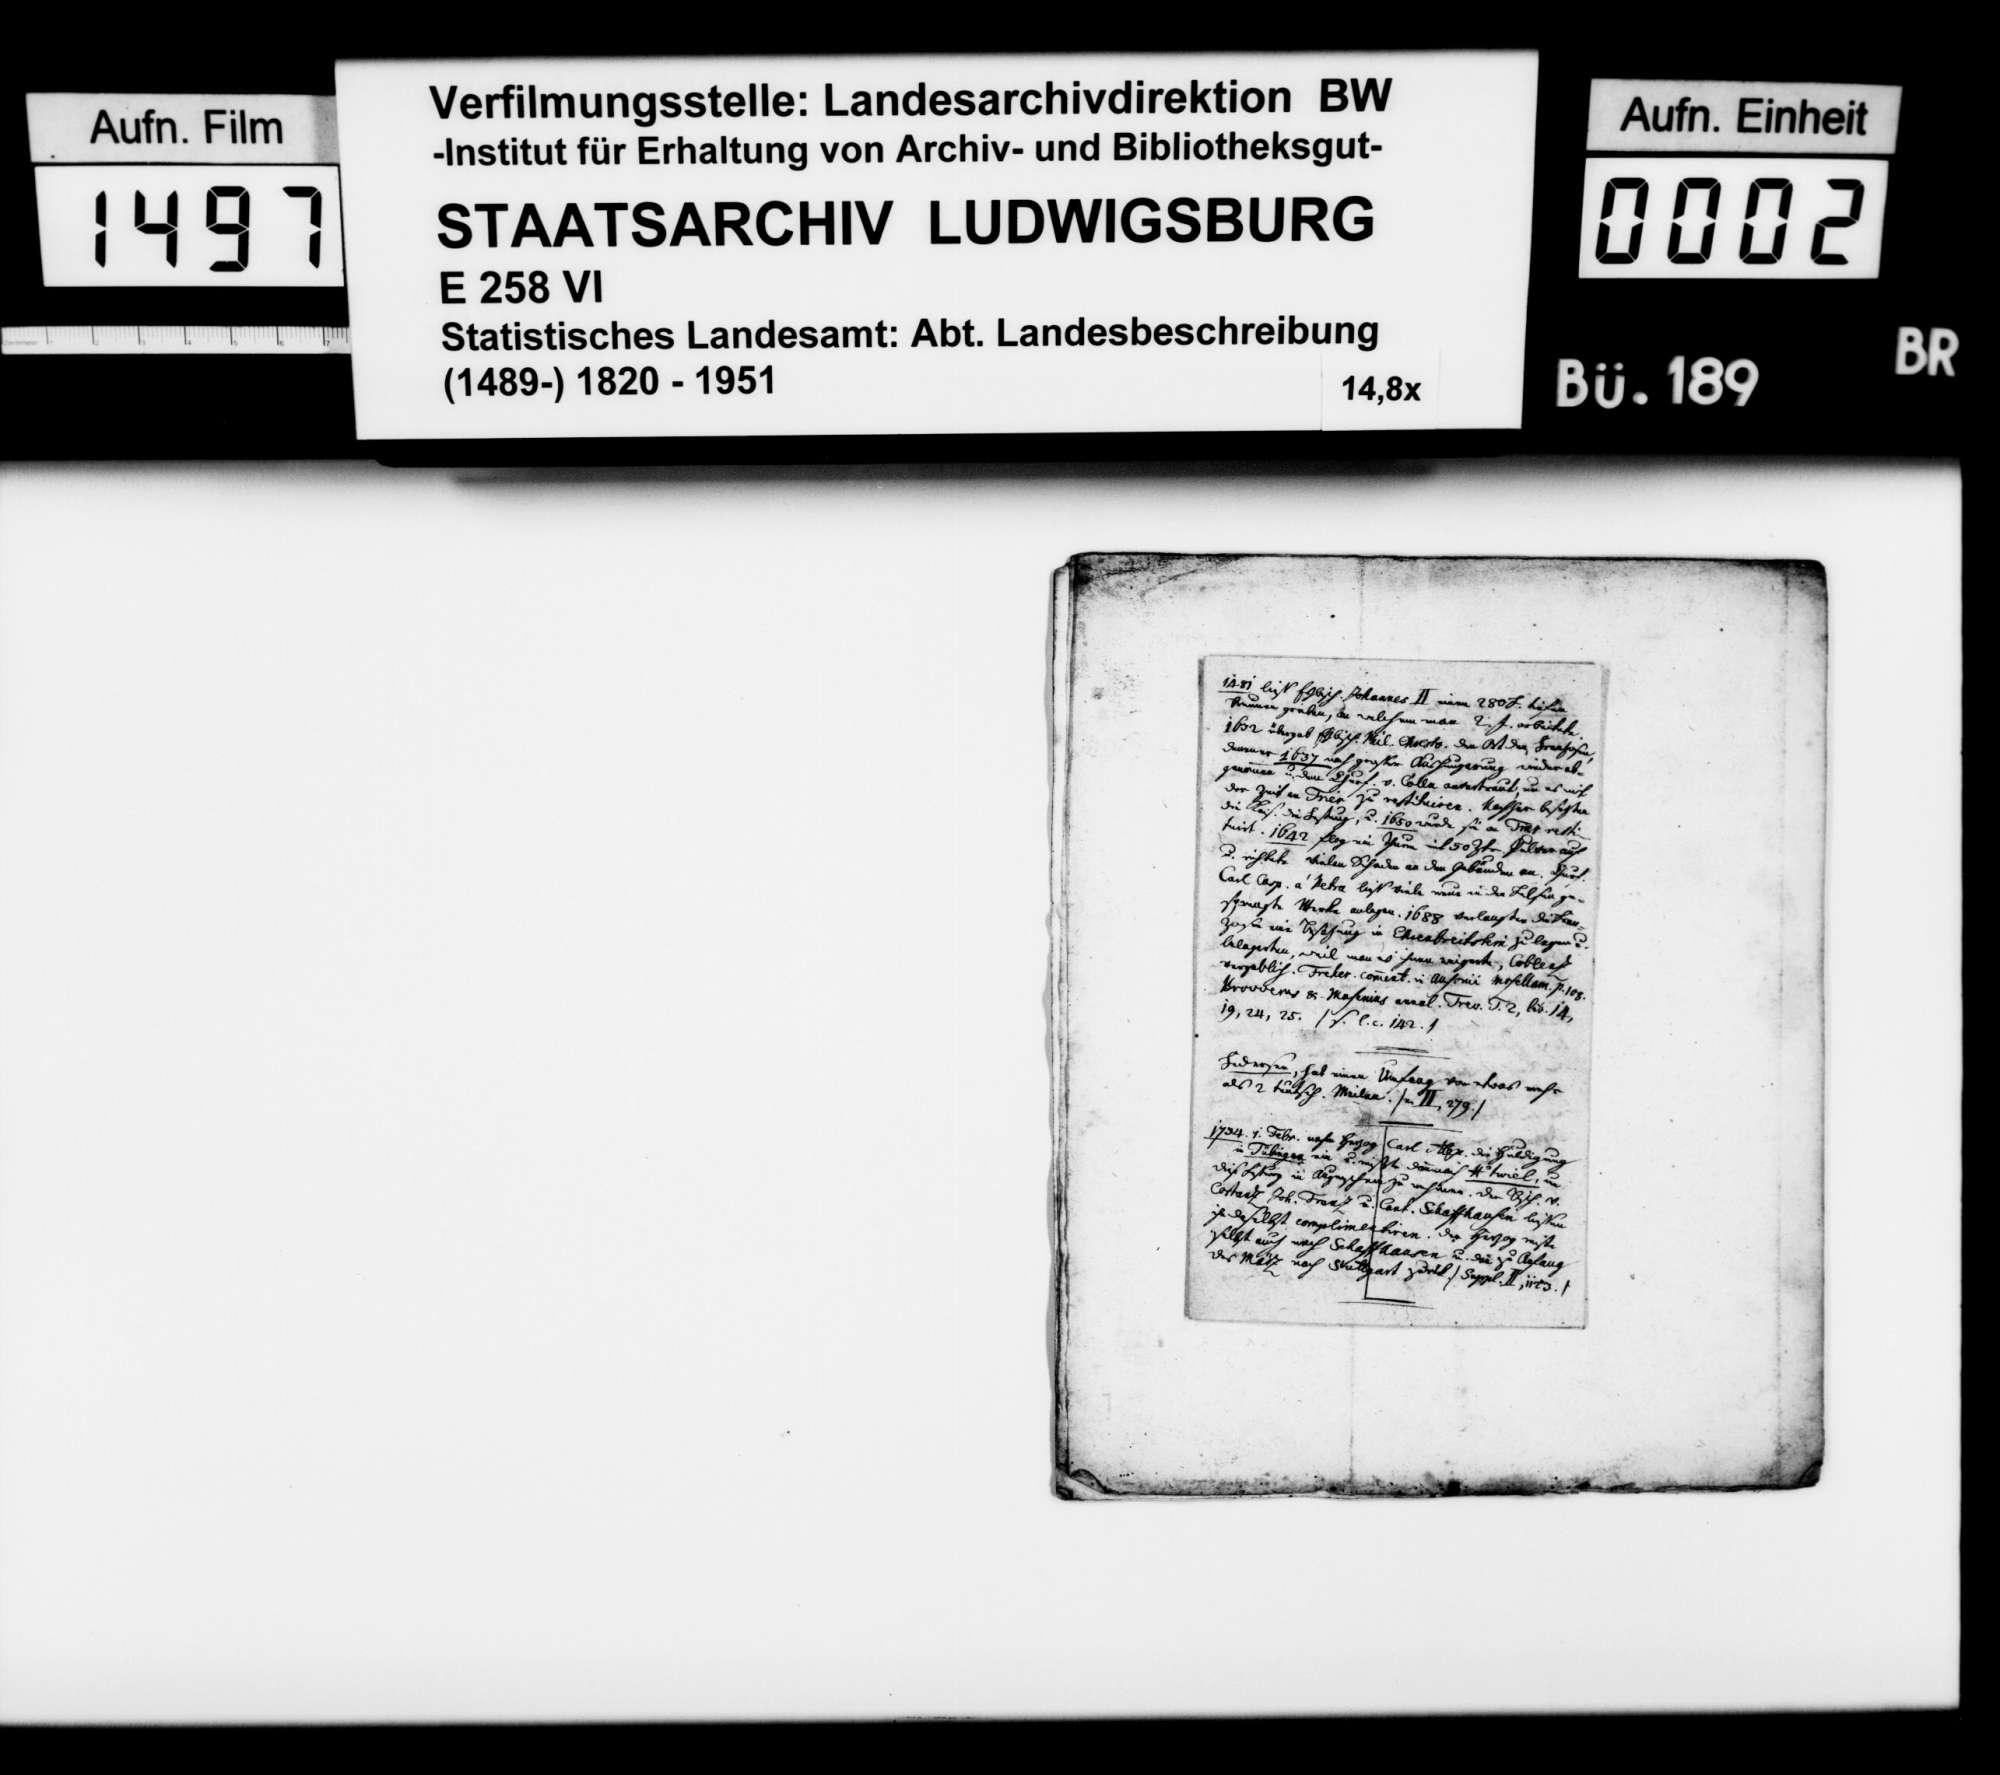 Exzerpt [des Pfarrers Friedrich Köhler aus Marschalkenzimmern] zum Schwarzwald im Dreißigjährigen Krieg 1632/33, aus Christian Friedrich Sattlers Geschichte von Württemberg, Bild 1